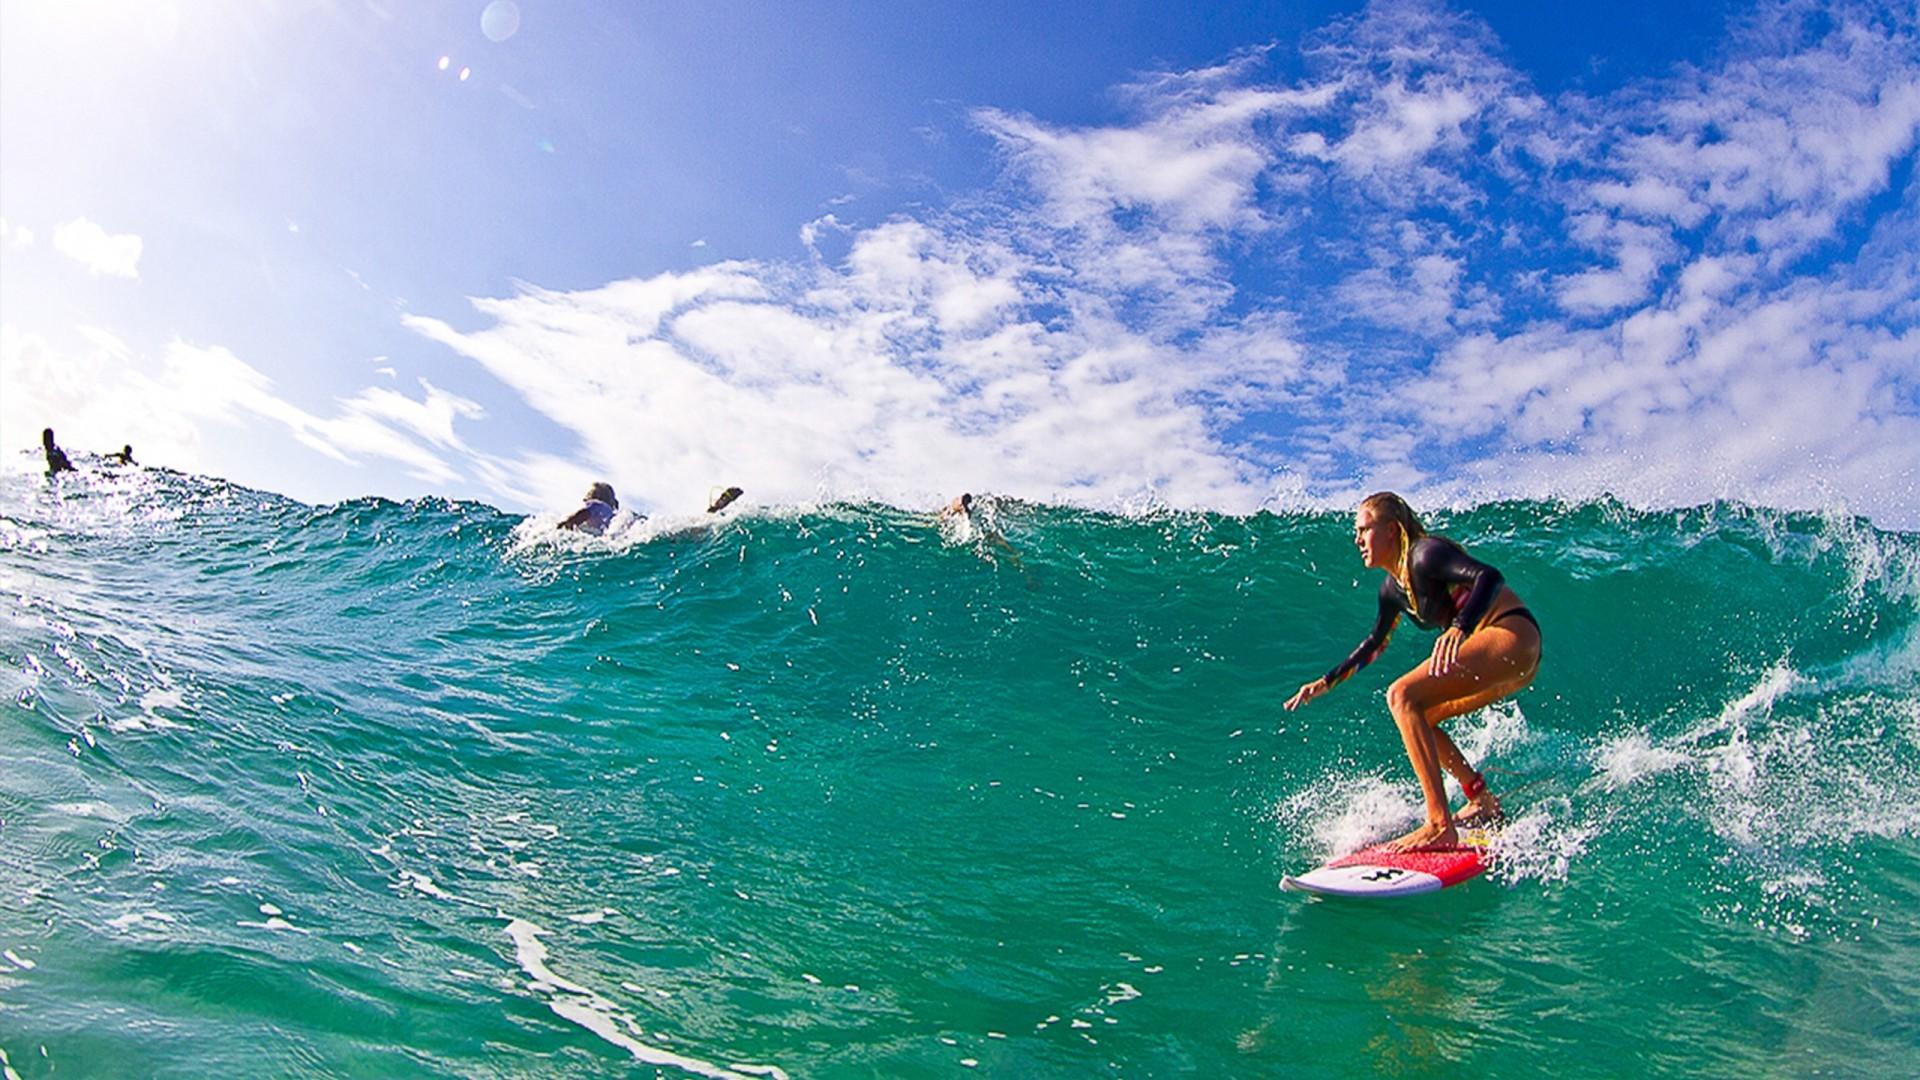 иметь баночку красивые фото серфинга ржавеет так